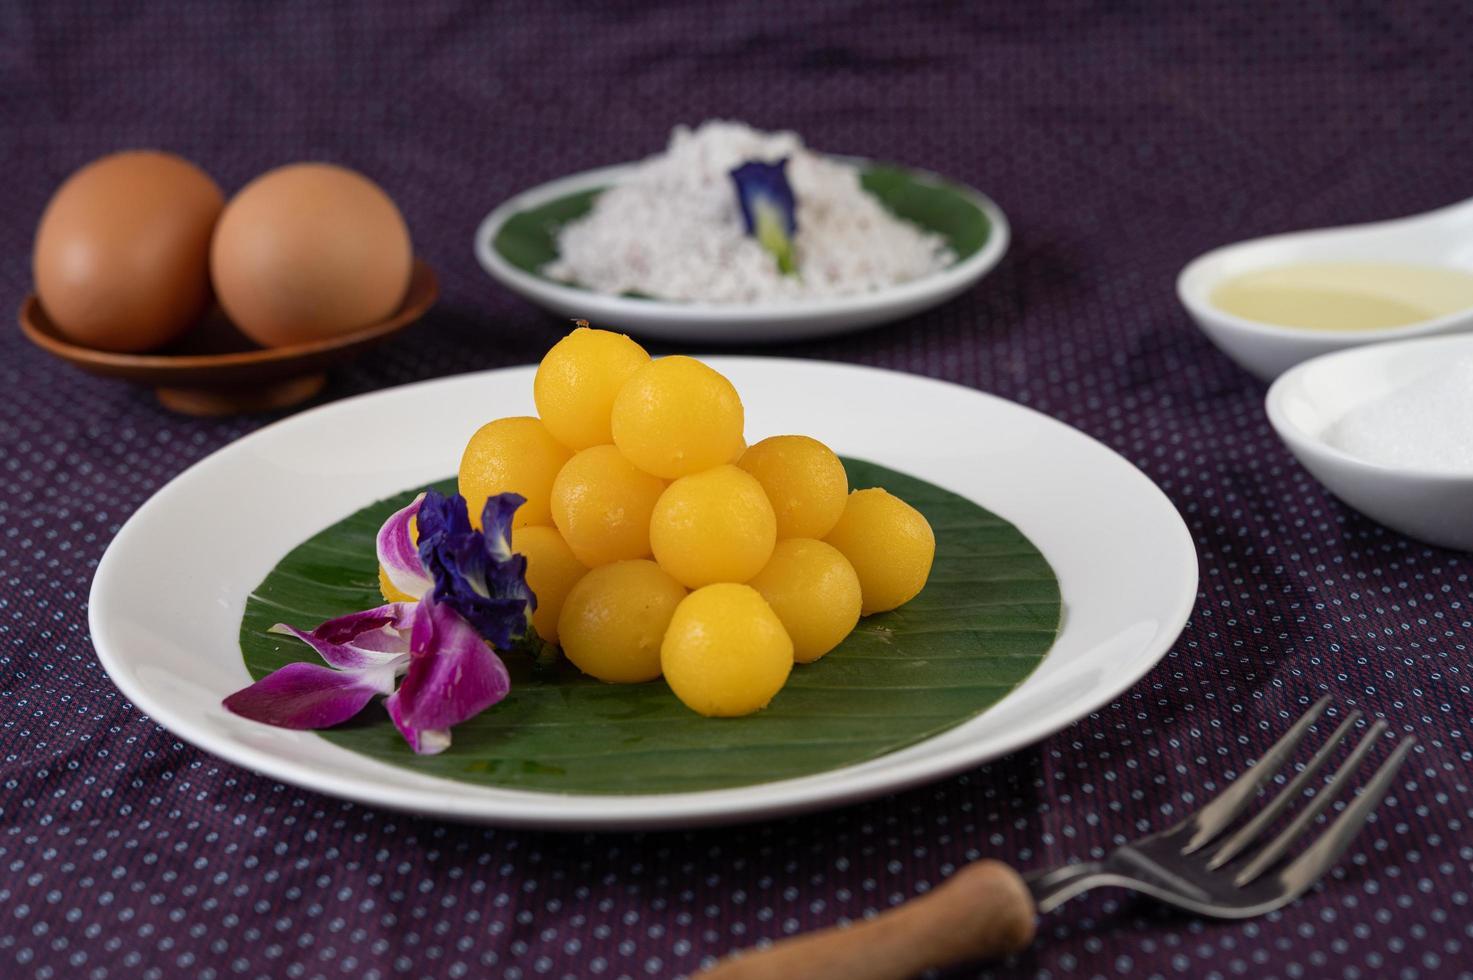 tanga yod, postre tailandés en una hoja de plátano foto